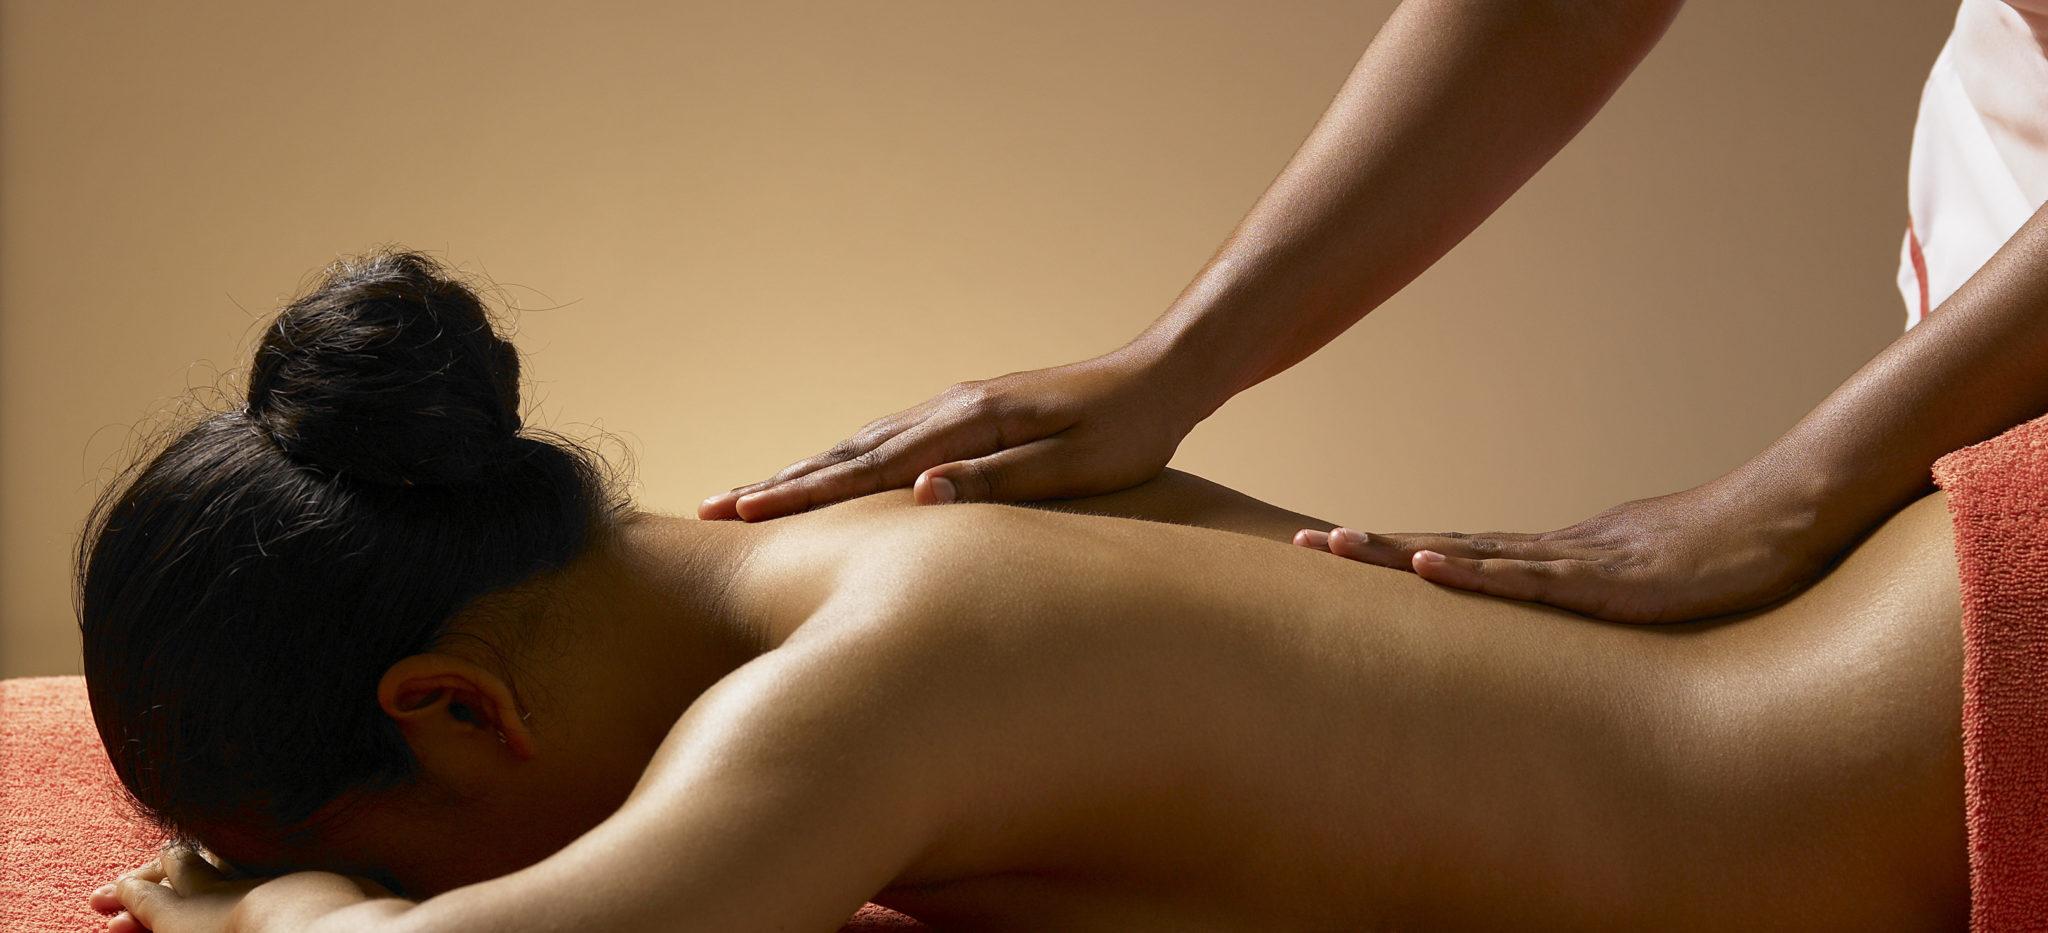 Эротический массаж для мужчины своими руками: техники массажа, эрогенные зоны